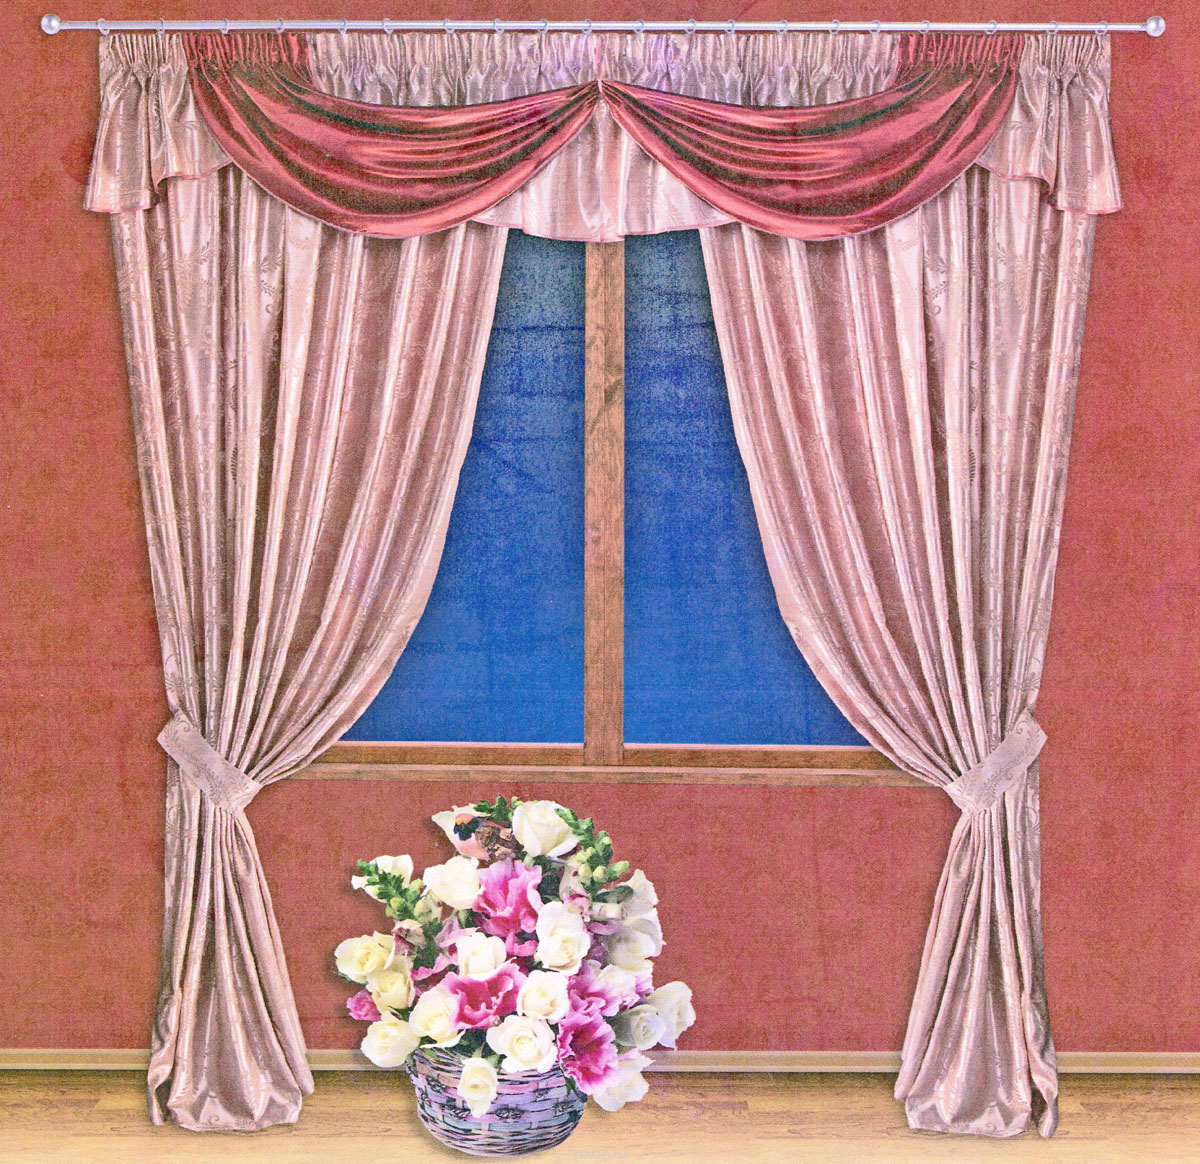 Комплект штор Zlata Korunka, на ленте, цвет: красный, бледно-розовый, высота 250 см. 5551220153-5Роскошный комплект штор Zlata Korunka, выполненный из ткани шанзализе, сатина и жаккарда (100% полиэстера), великолепно украсит любое окно. Комплект состоит из двух портьер, ламбрекена и двух подхватов. Плотная ткань, оригинальный орнамент и приятная, приглушенная гамма привлекут к себе внимание и органично впишутся в интерьер помещения. Комплект крепится на карниз при помощи шторной ленты, которая поможет красиво и равномерно задрапировать верх. Портьеры можно зафиксировать в одном положении с помощью двух подхватов. Этот комплект будет долгое время радовать вас и вашу семью! В комплект входит: Портьера: 2 шт. Размер (ШхВ): 200 см х 250 см. Ламбрекен: 1 шт. Размер (ШхВ): 450 см х 50 см.Подхват: 2 шт. Размер (ШхВ): 60 см х 10 см.